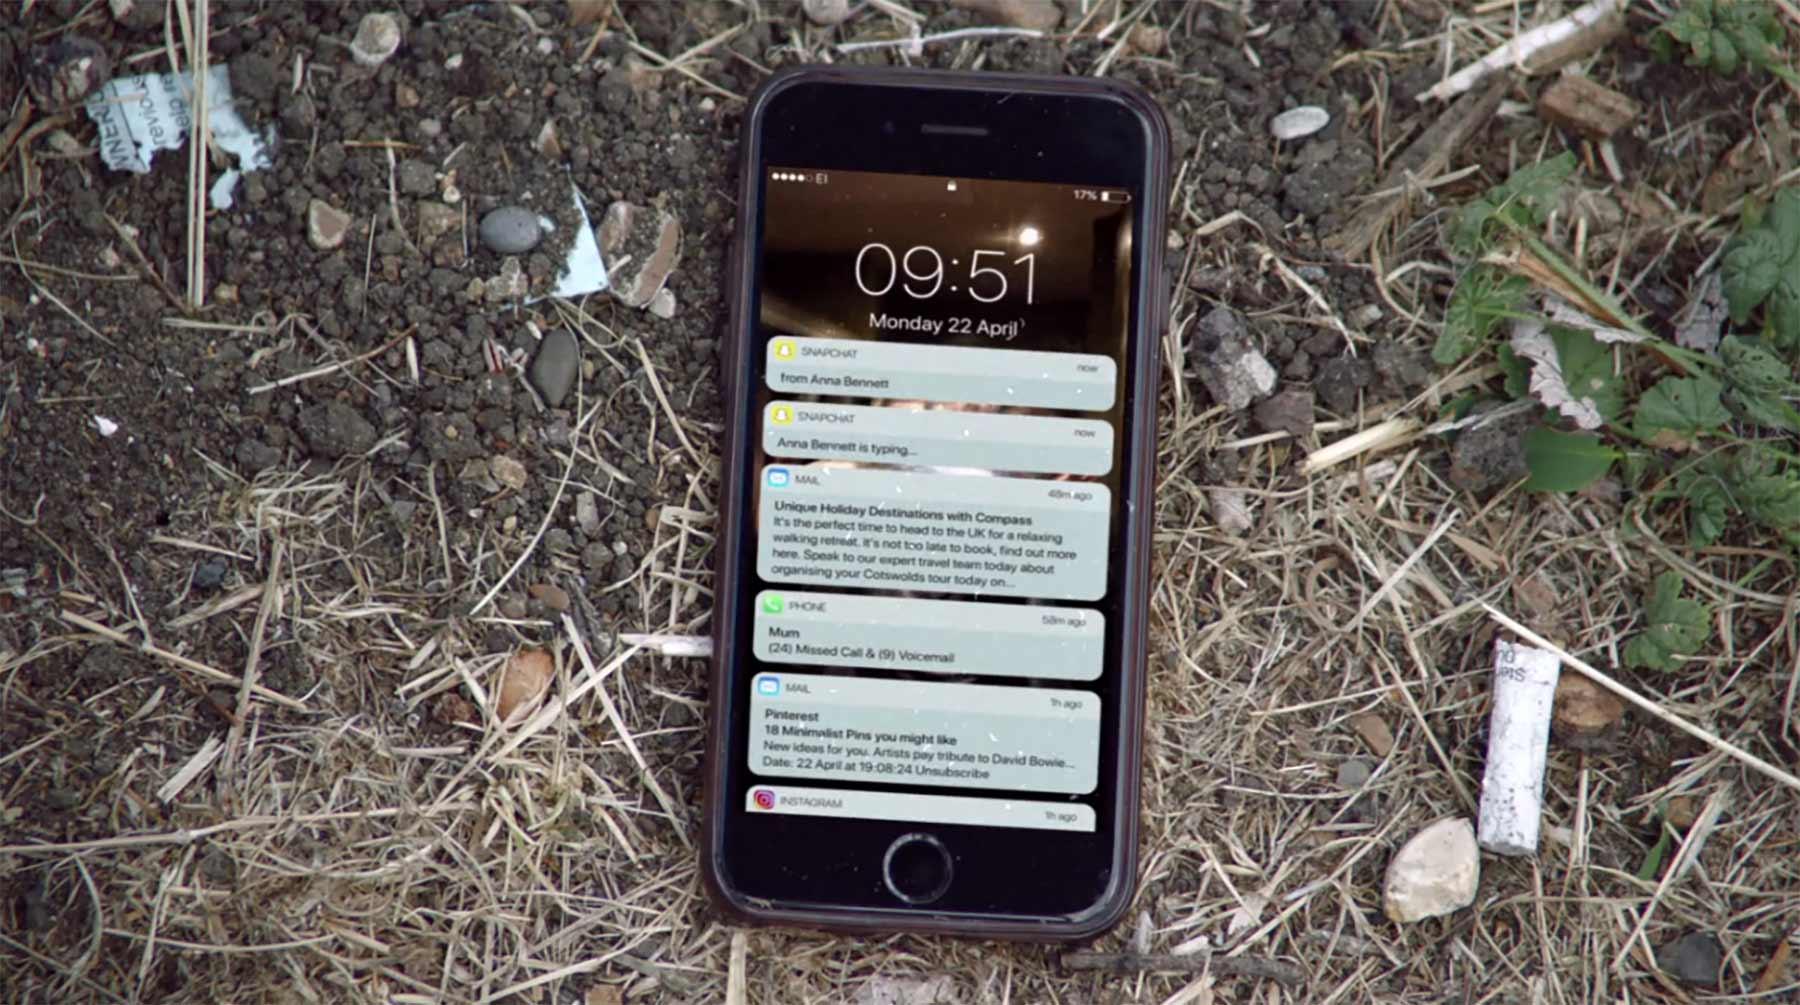 Ein Telefon erzählt die Geschichte eines Vermissten